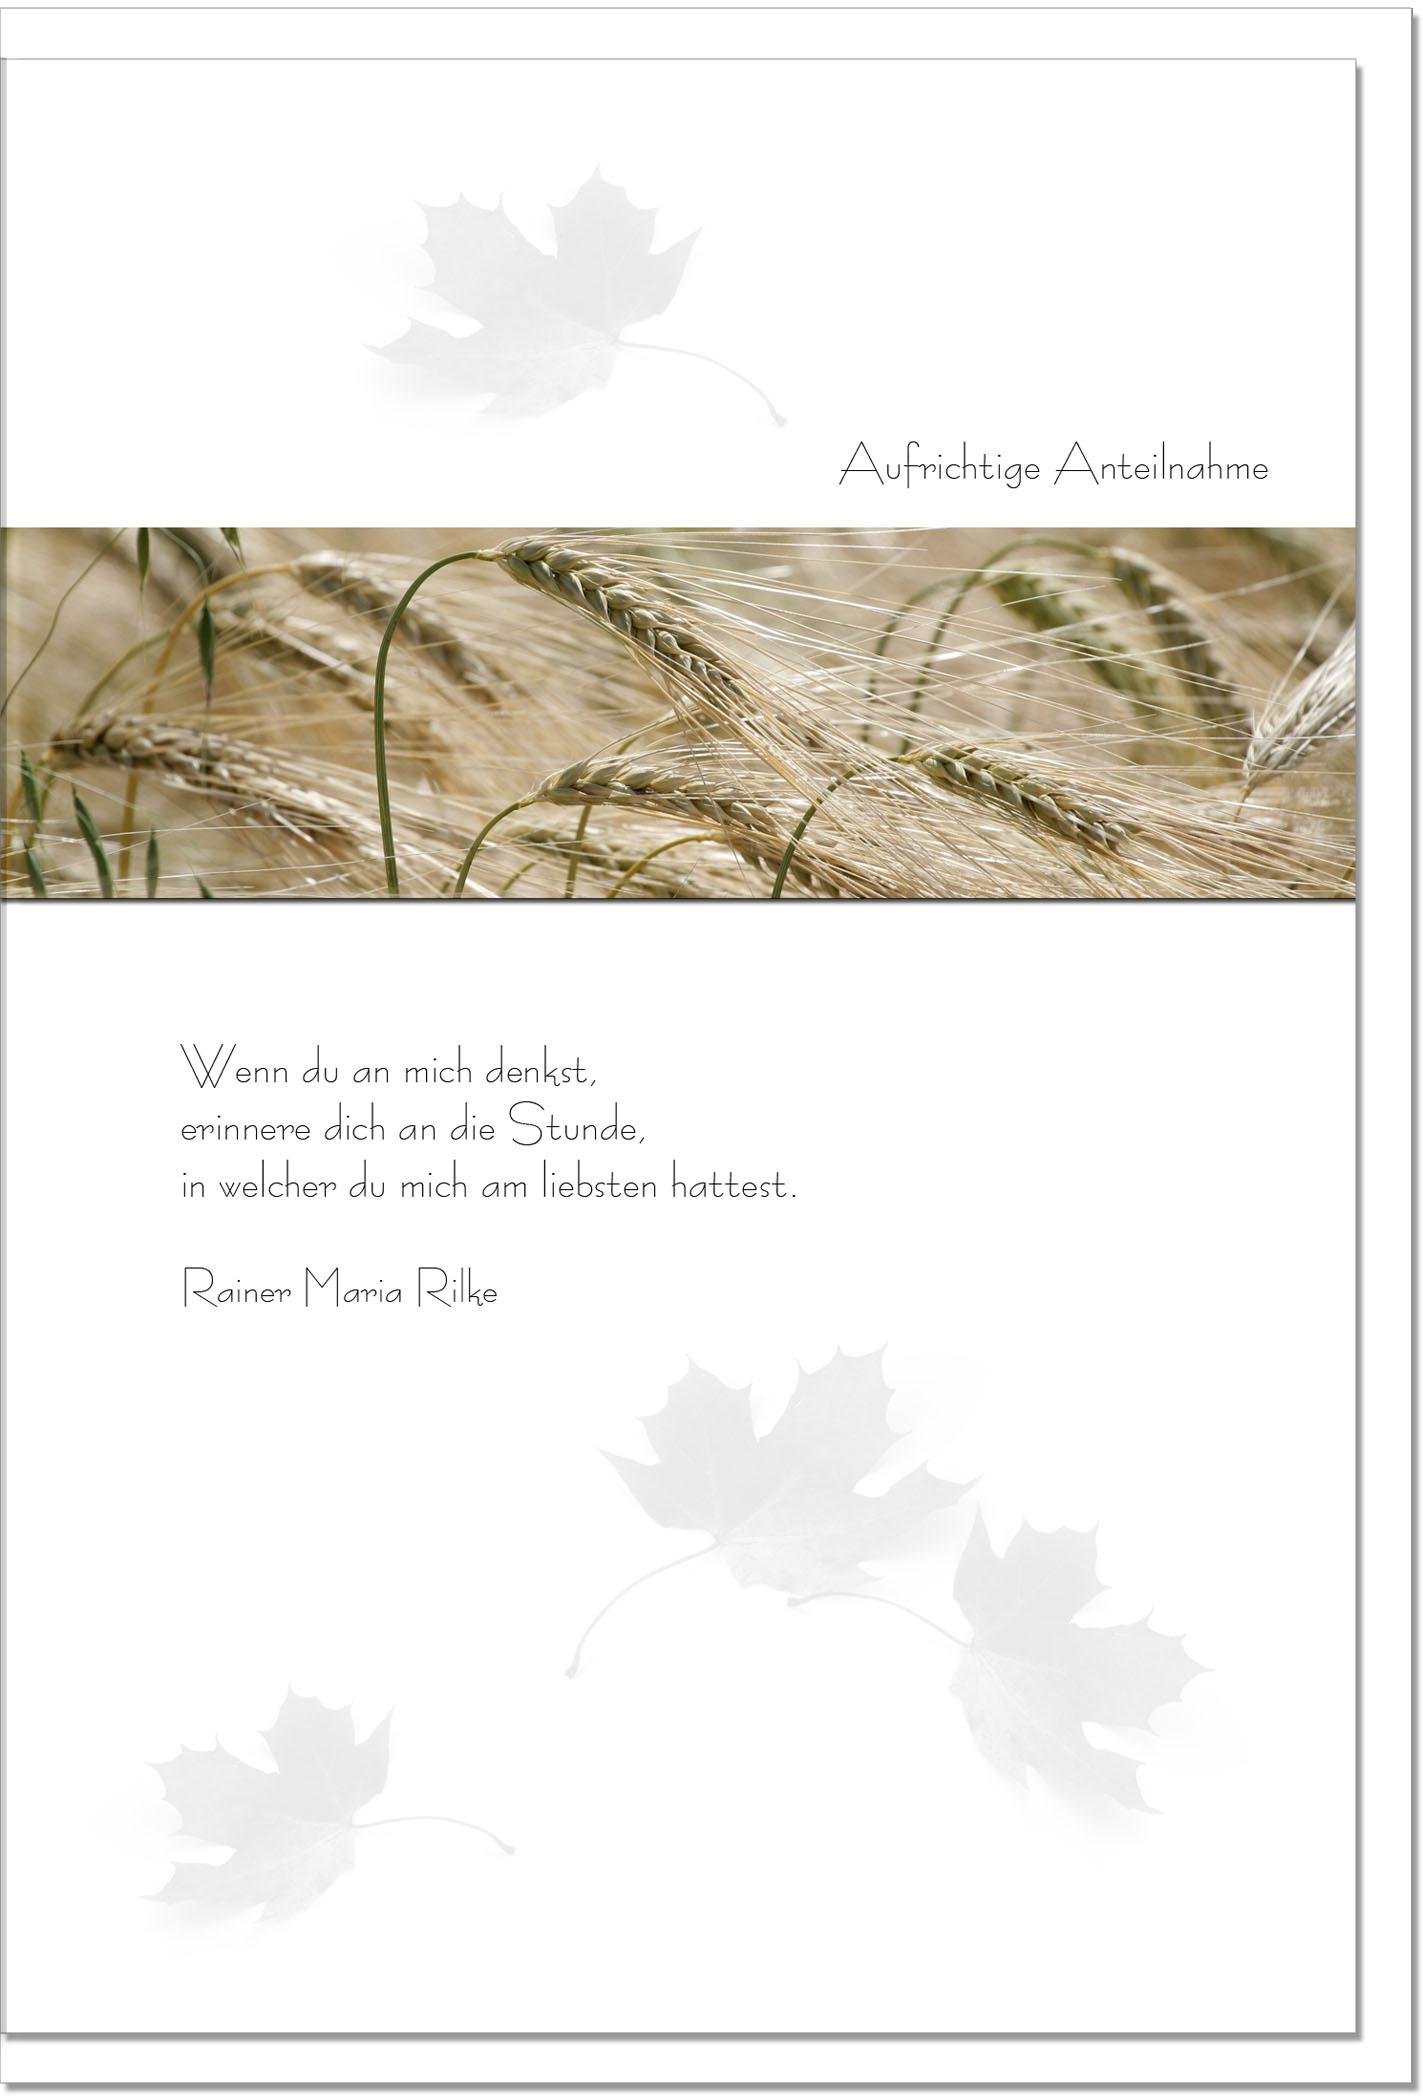 Trauerkarte ERINNERUNG | Ähren im Wind | metALUm #00084